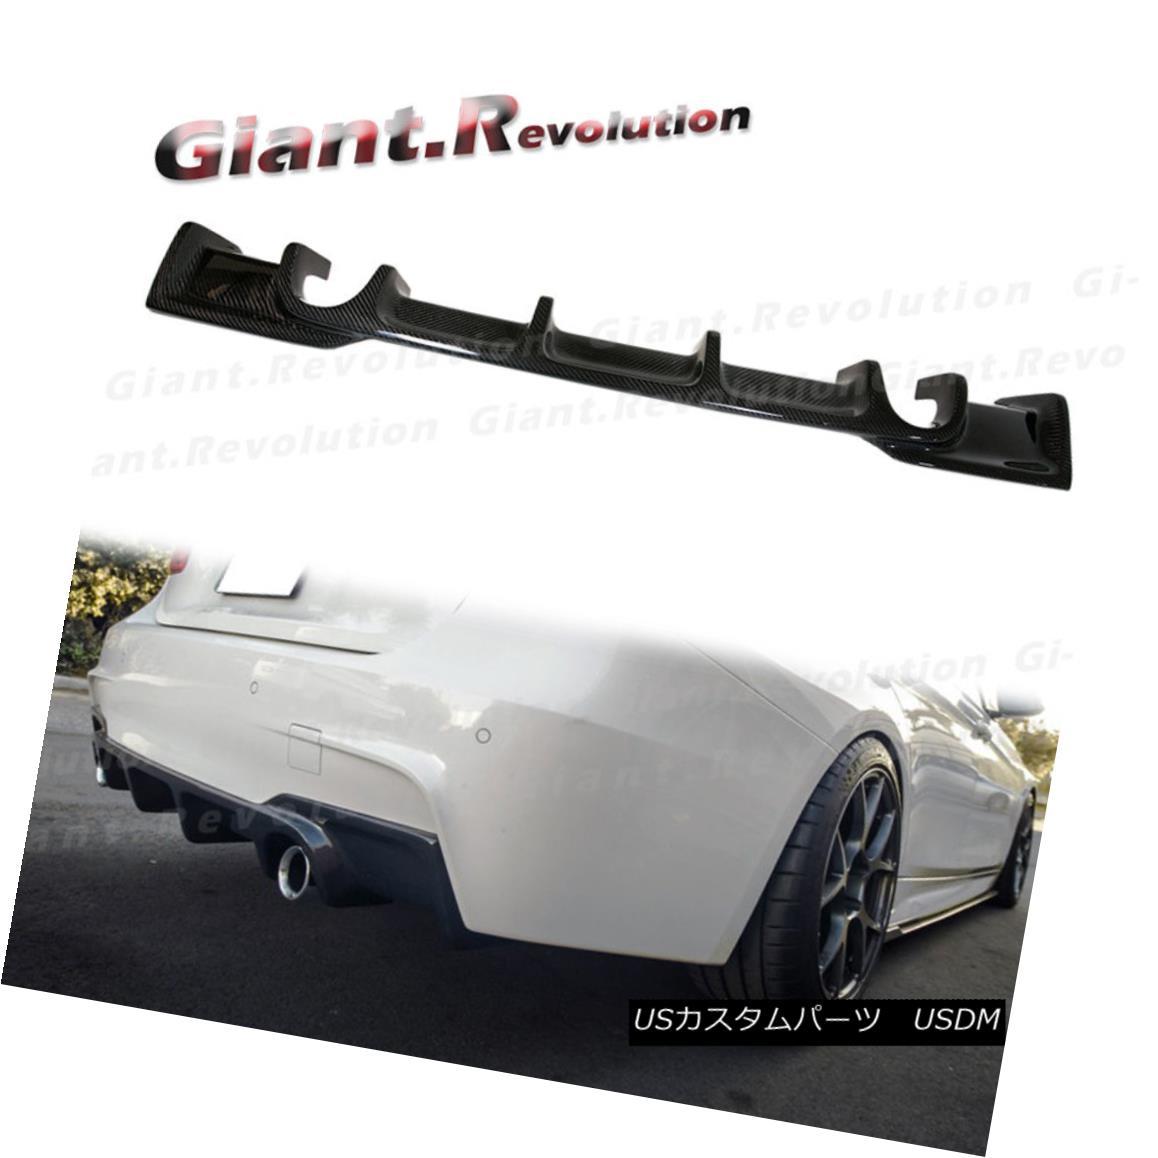 エアロパーツ Fit On 12-15 BW F30 335i M Sport Bumper Carbon Fiber AK Style Rear Diffuser Tail フィット12-15 BW F30 335i Mスポーツバンパー炭素繊維AKスタイルリアディフューザーテール